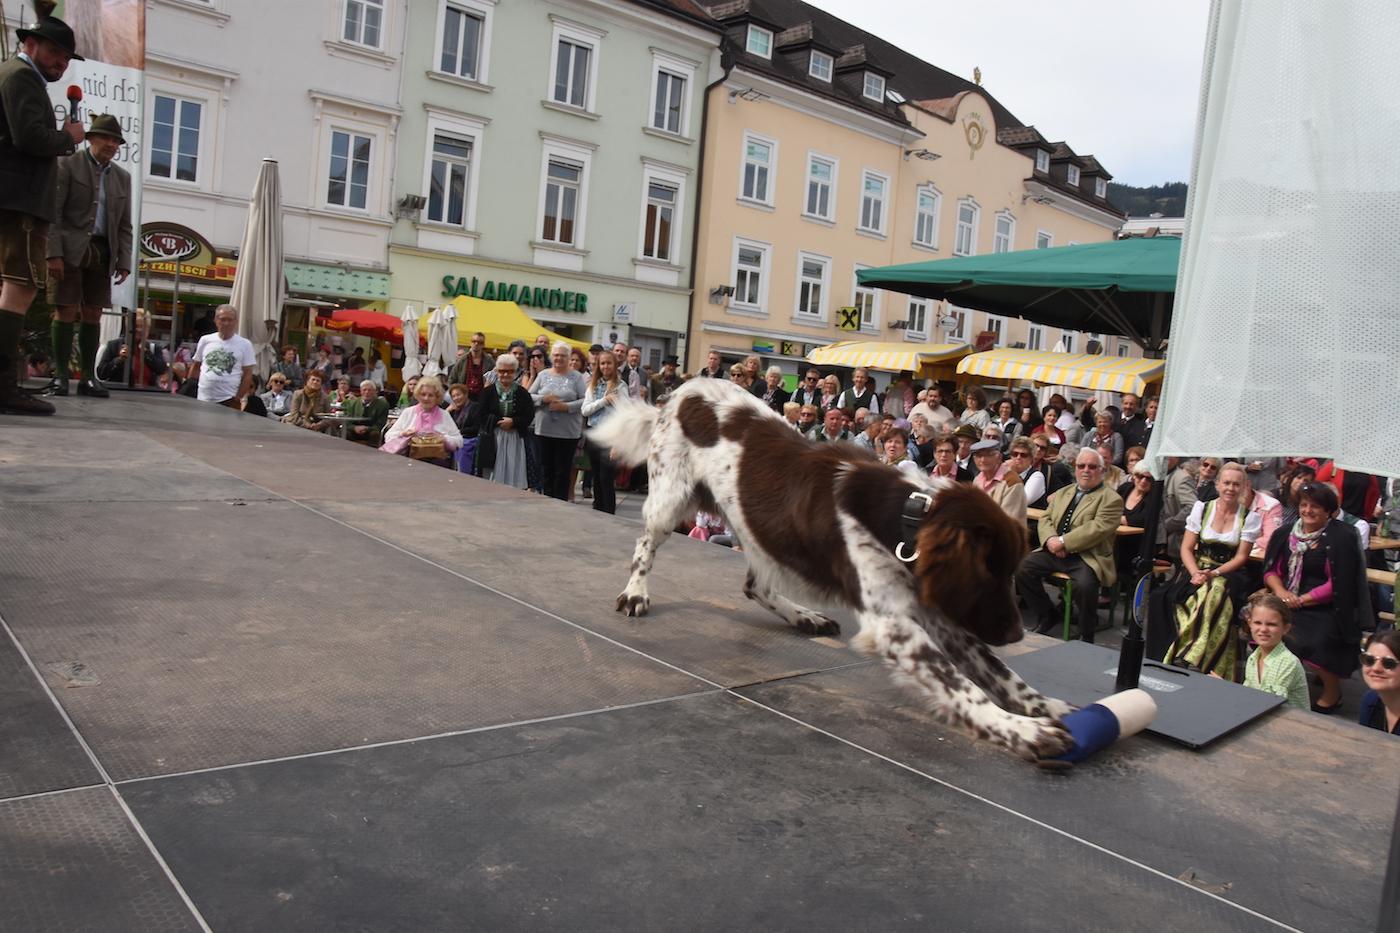 20190922_StadtLandFest-Leoben_1400px_DSC_4073.JPG